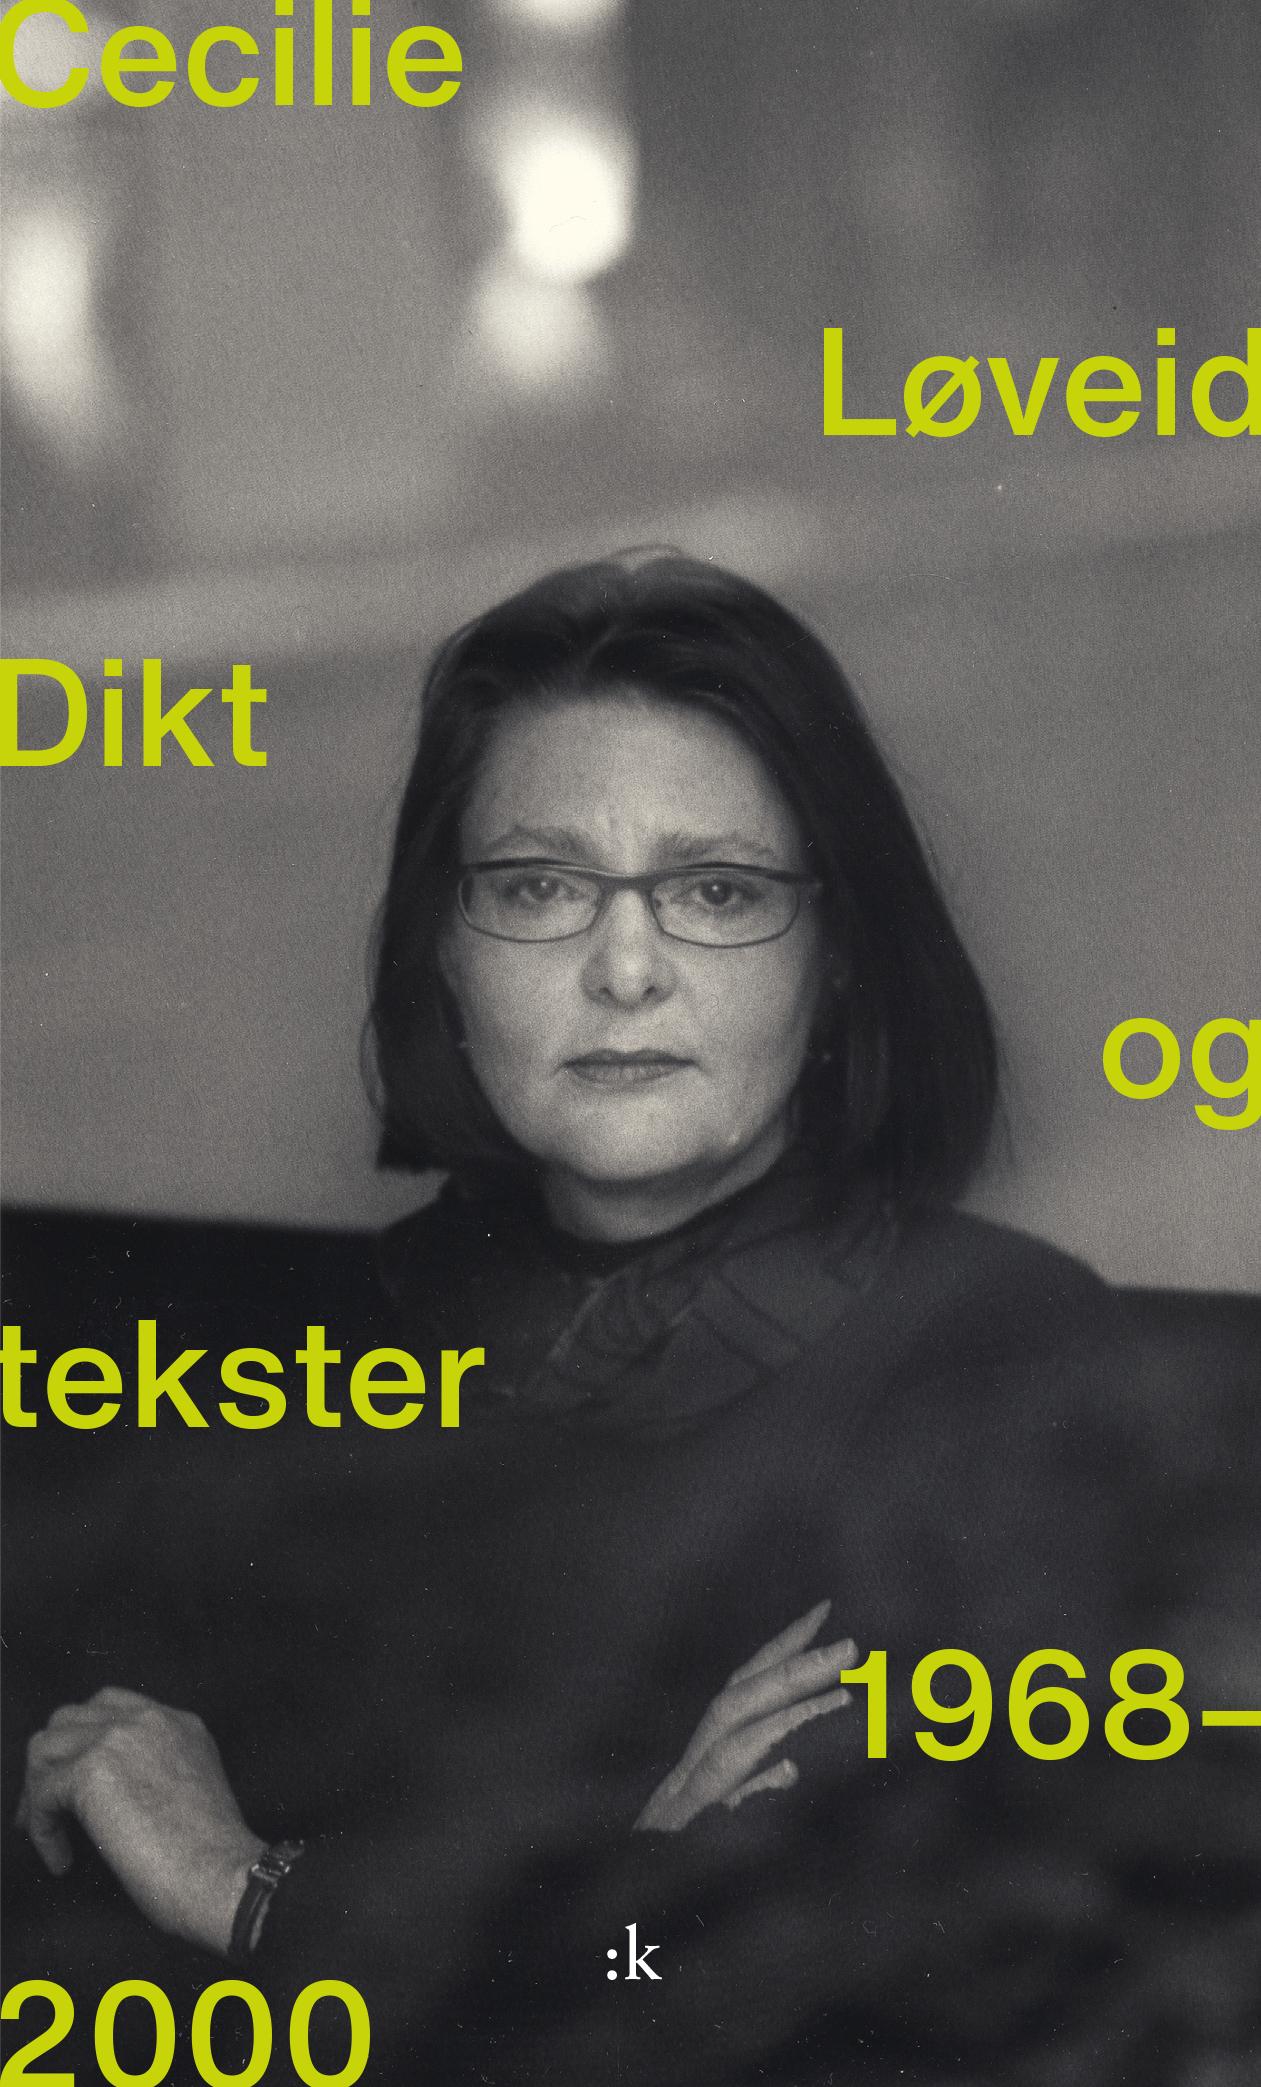 Cecilie Løveid: Dikt og tekster 1968-2000